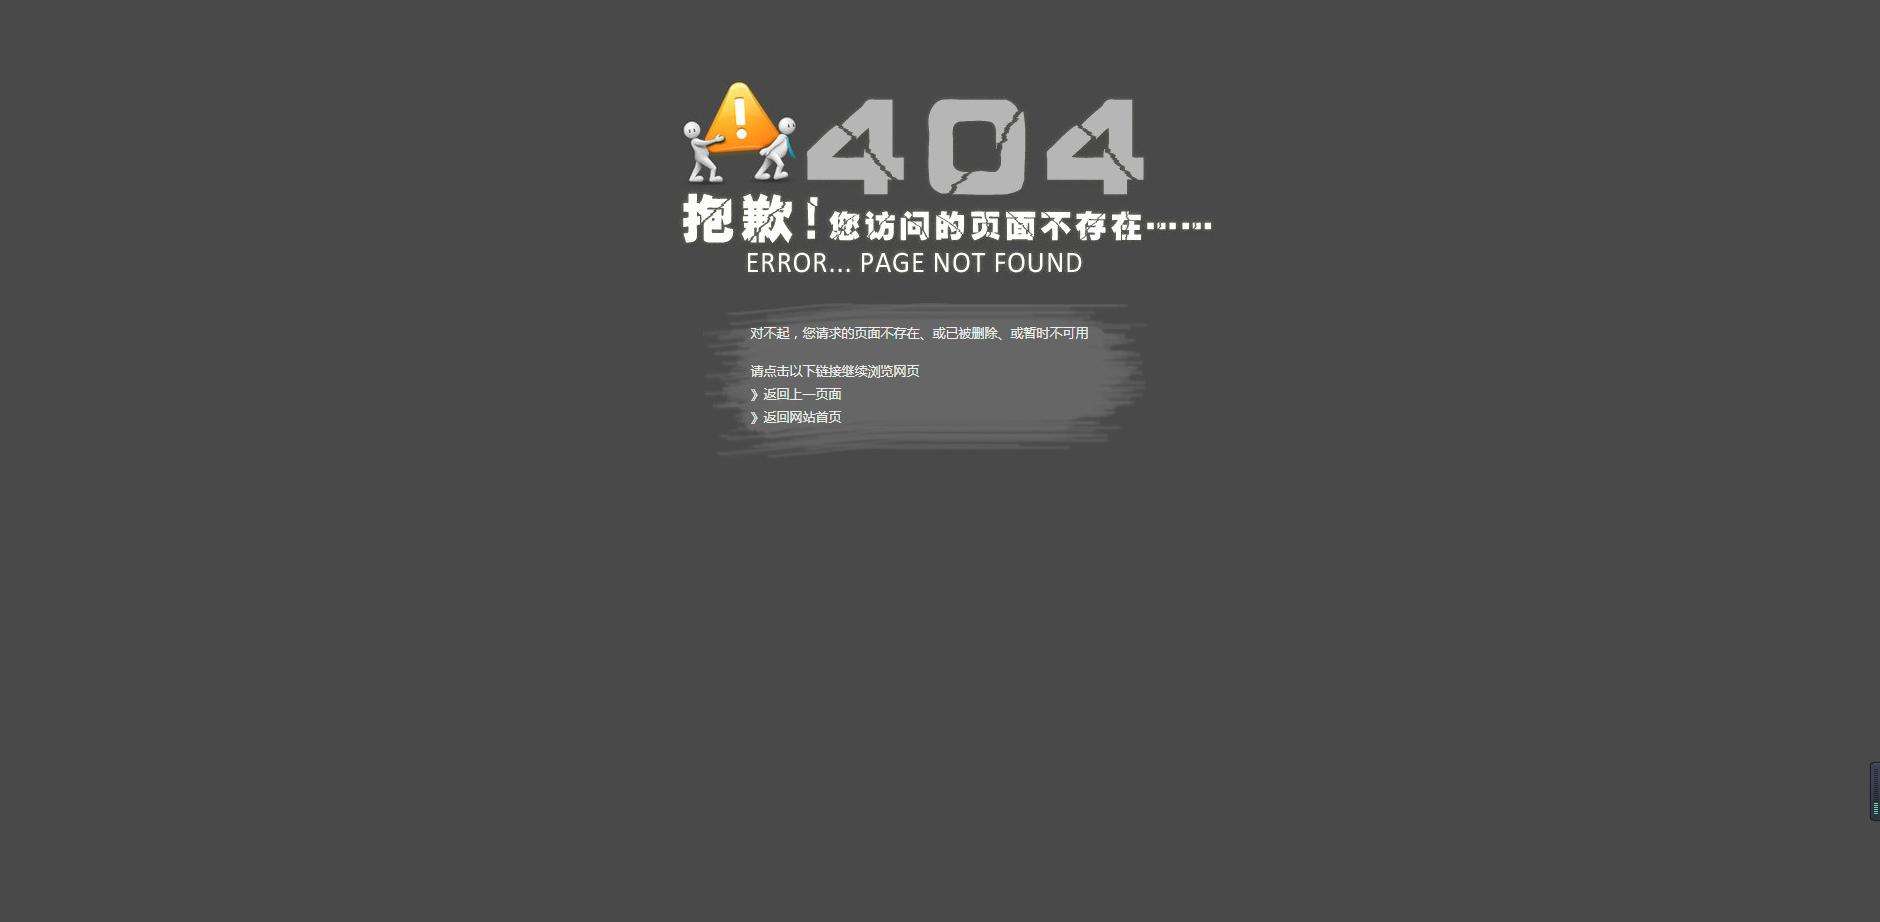 一款误页面源码